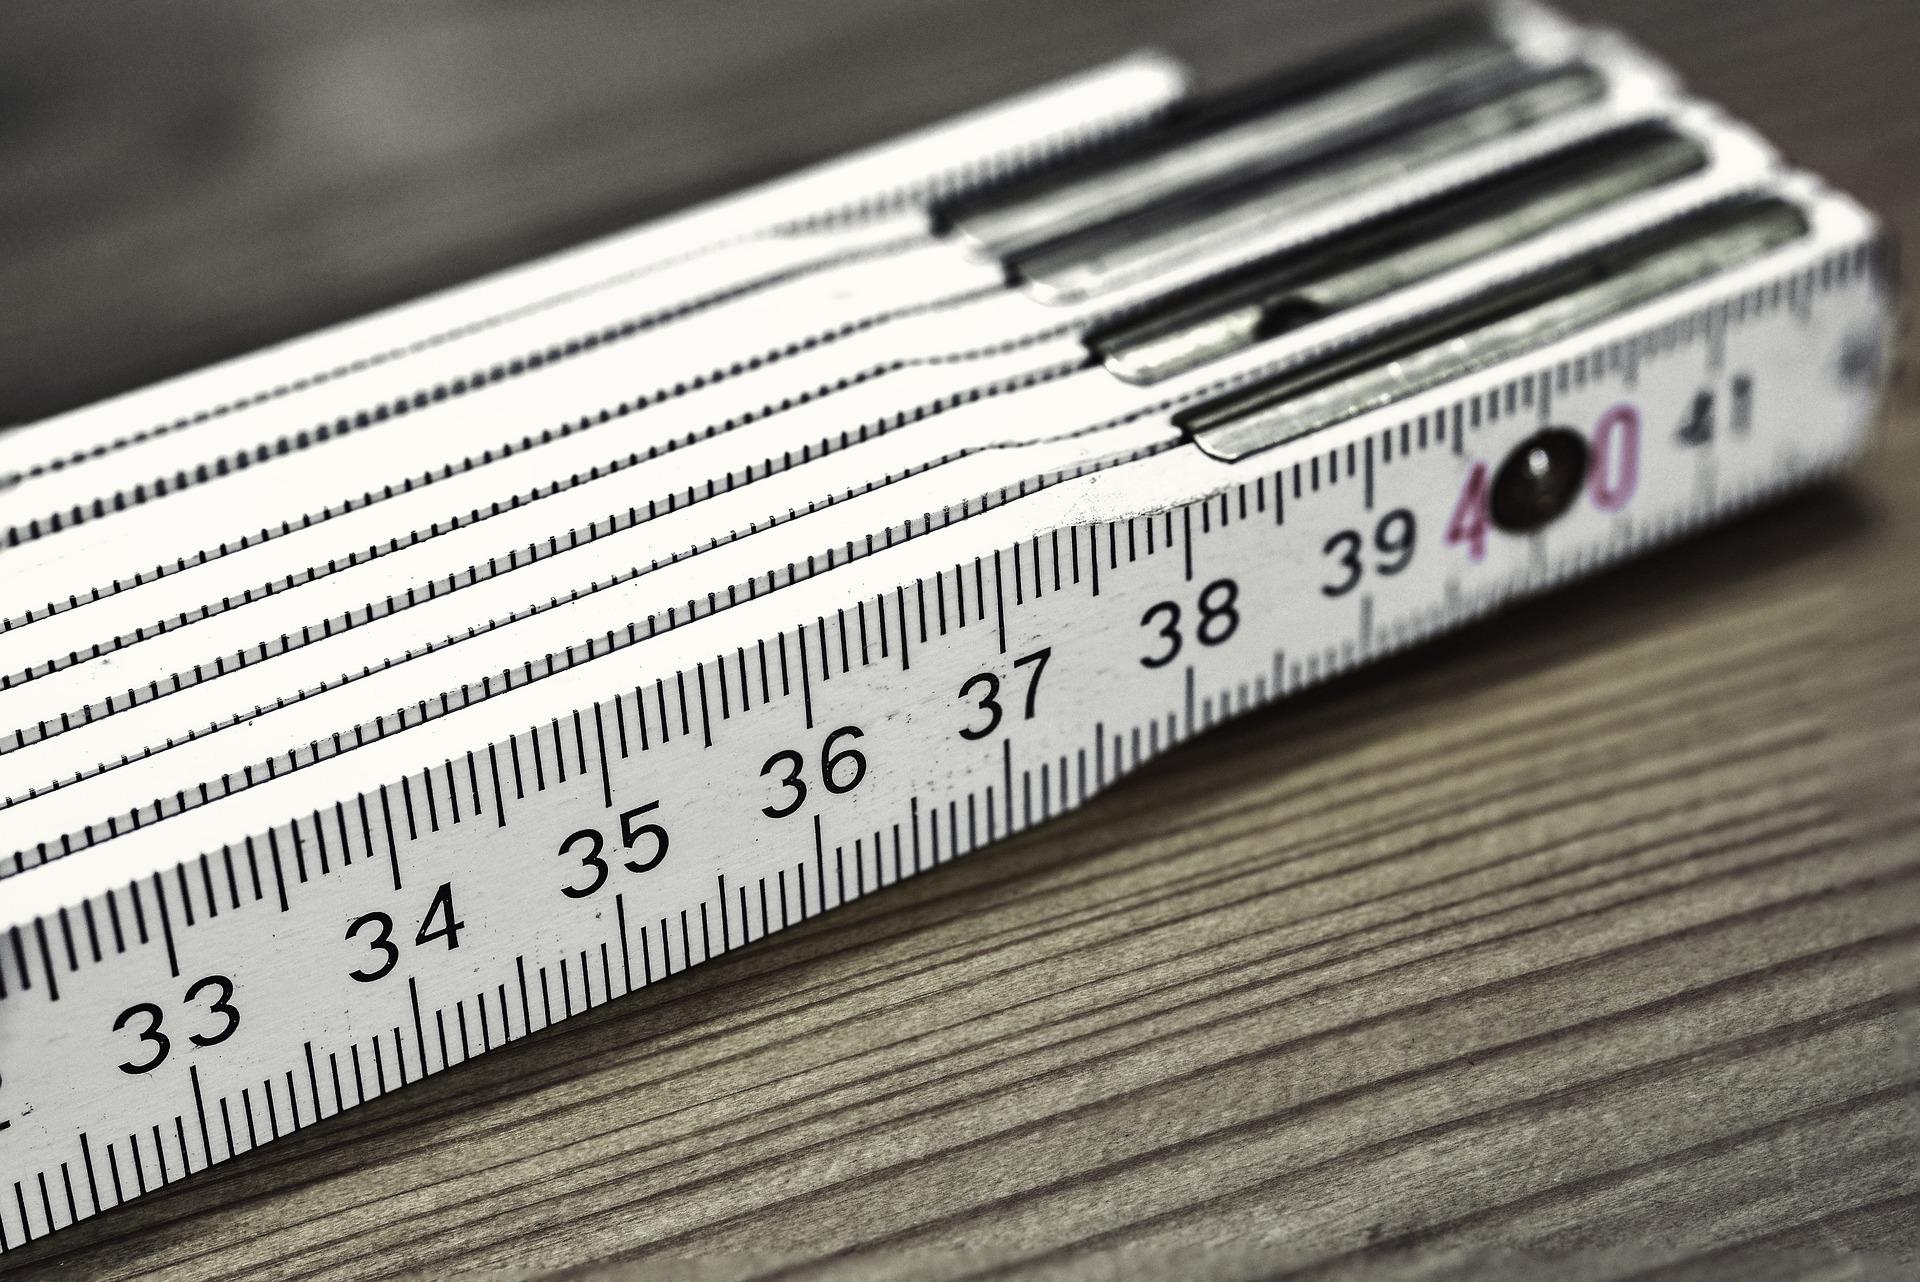 Read more about the article 線上與線下培訓的比例如何分配?衡量學習成效的終極思路